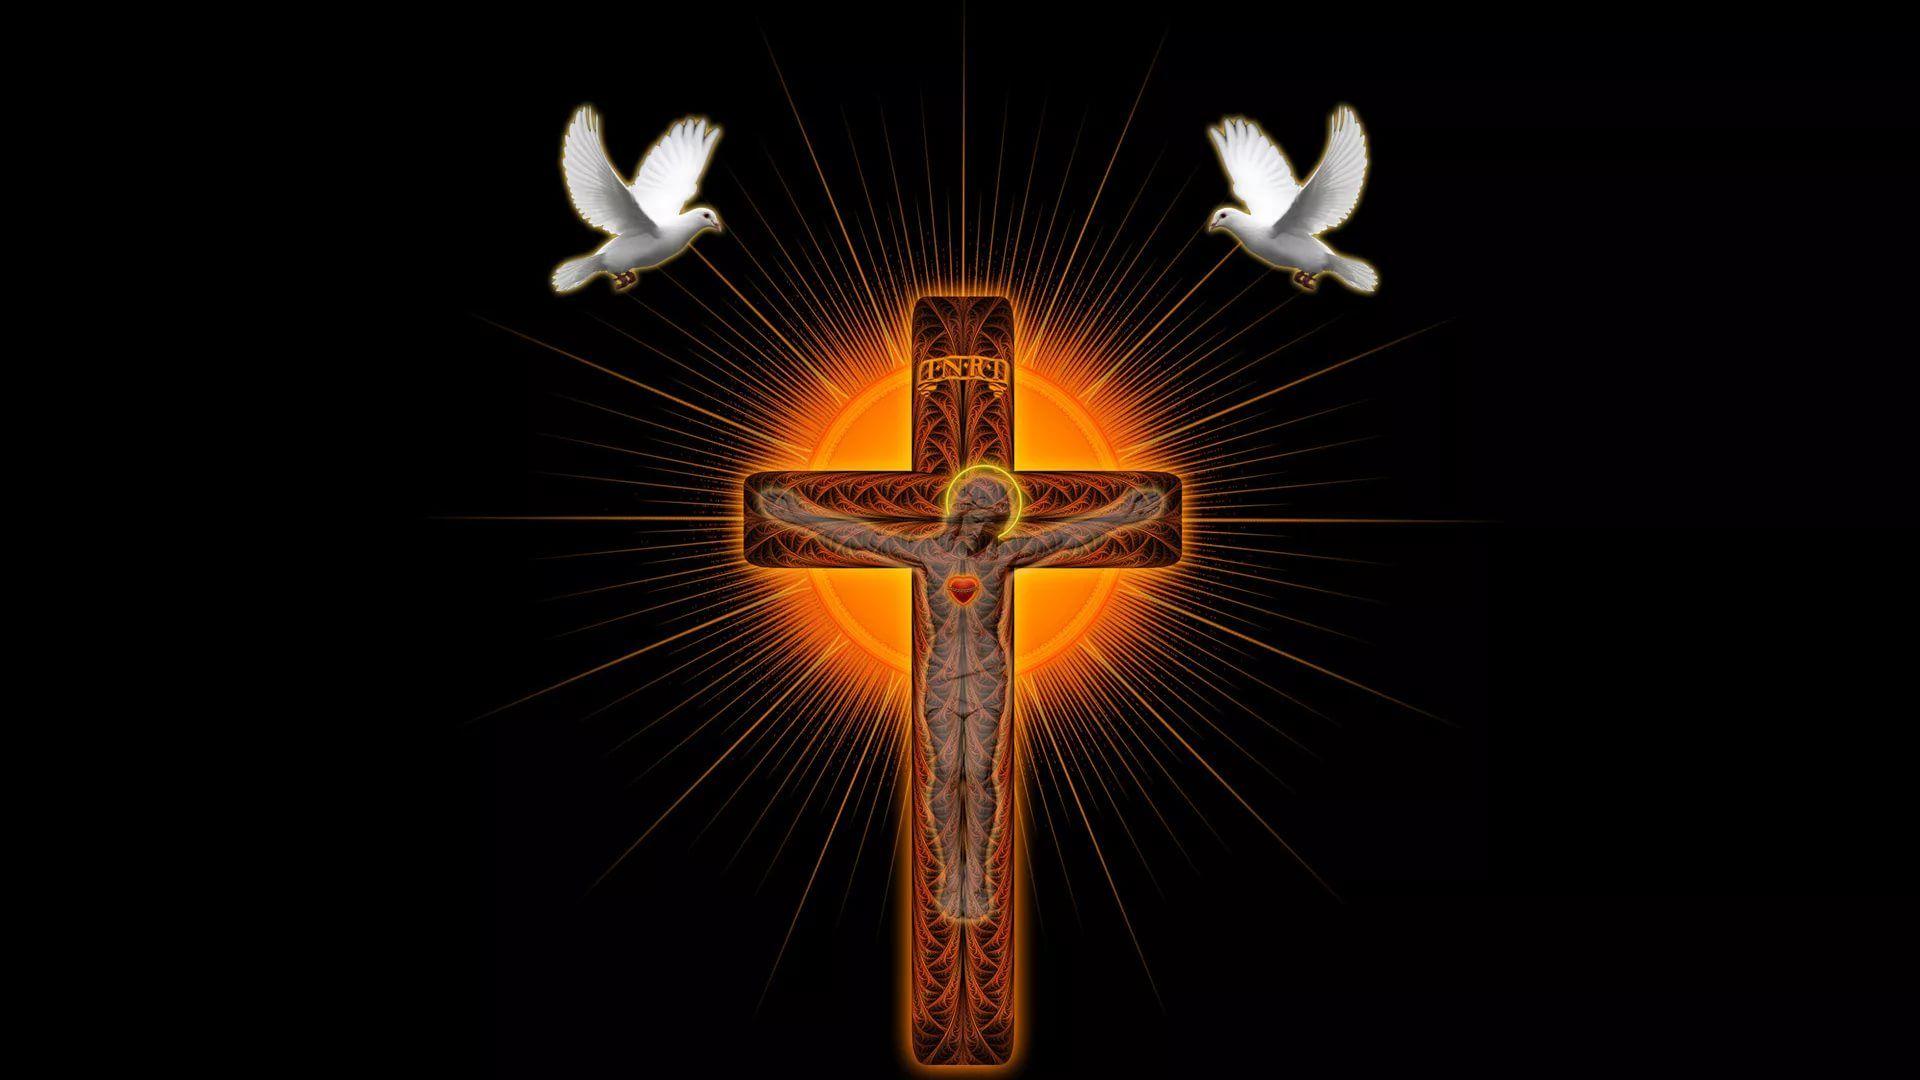 Jesus Cross pc wallpaper